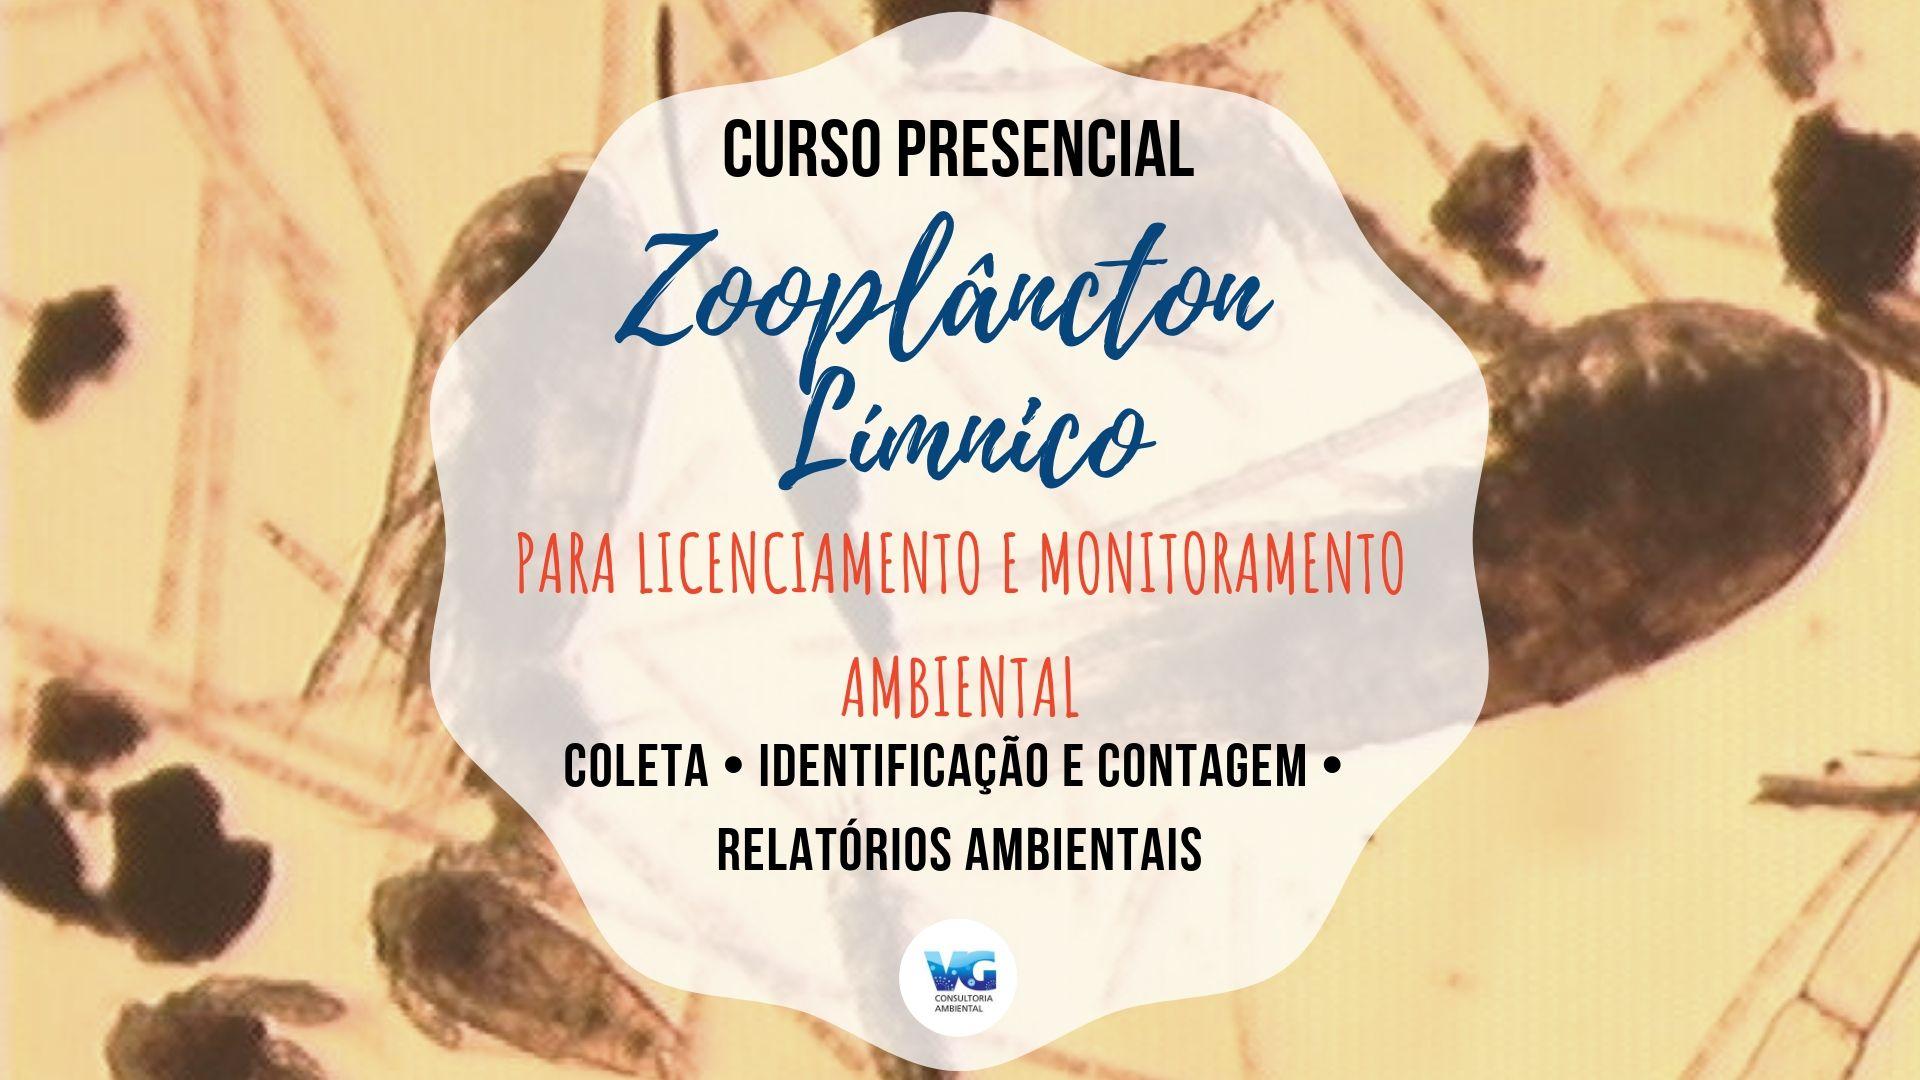 licenciamento-zoo-limnico-presencial